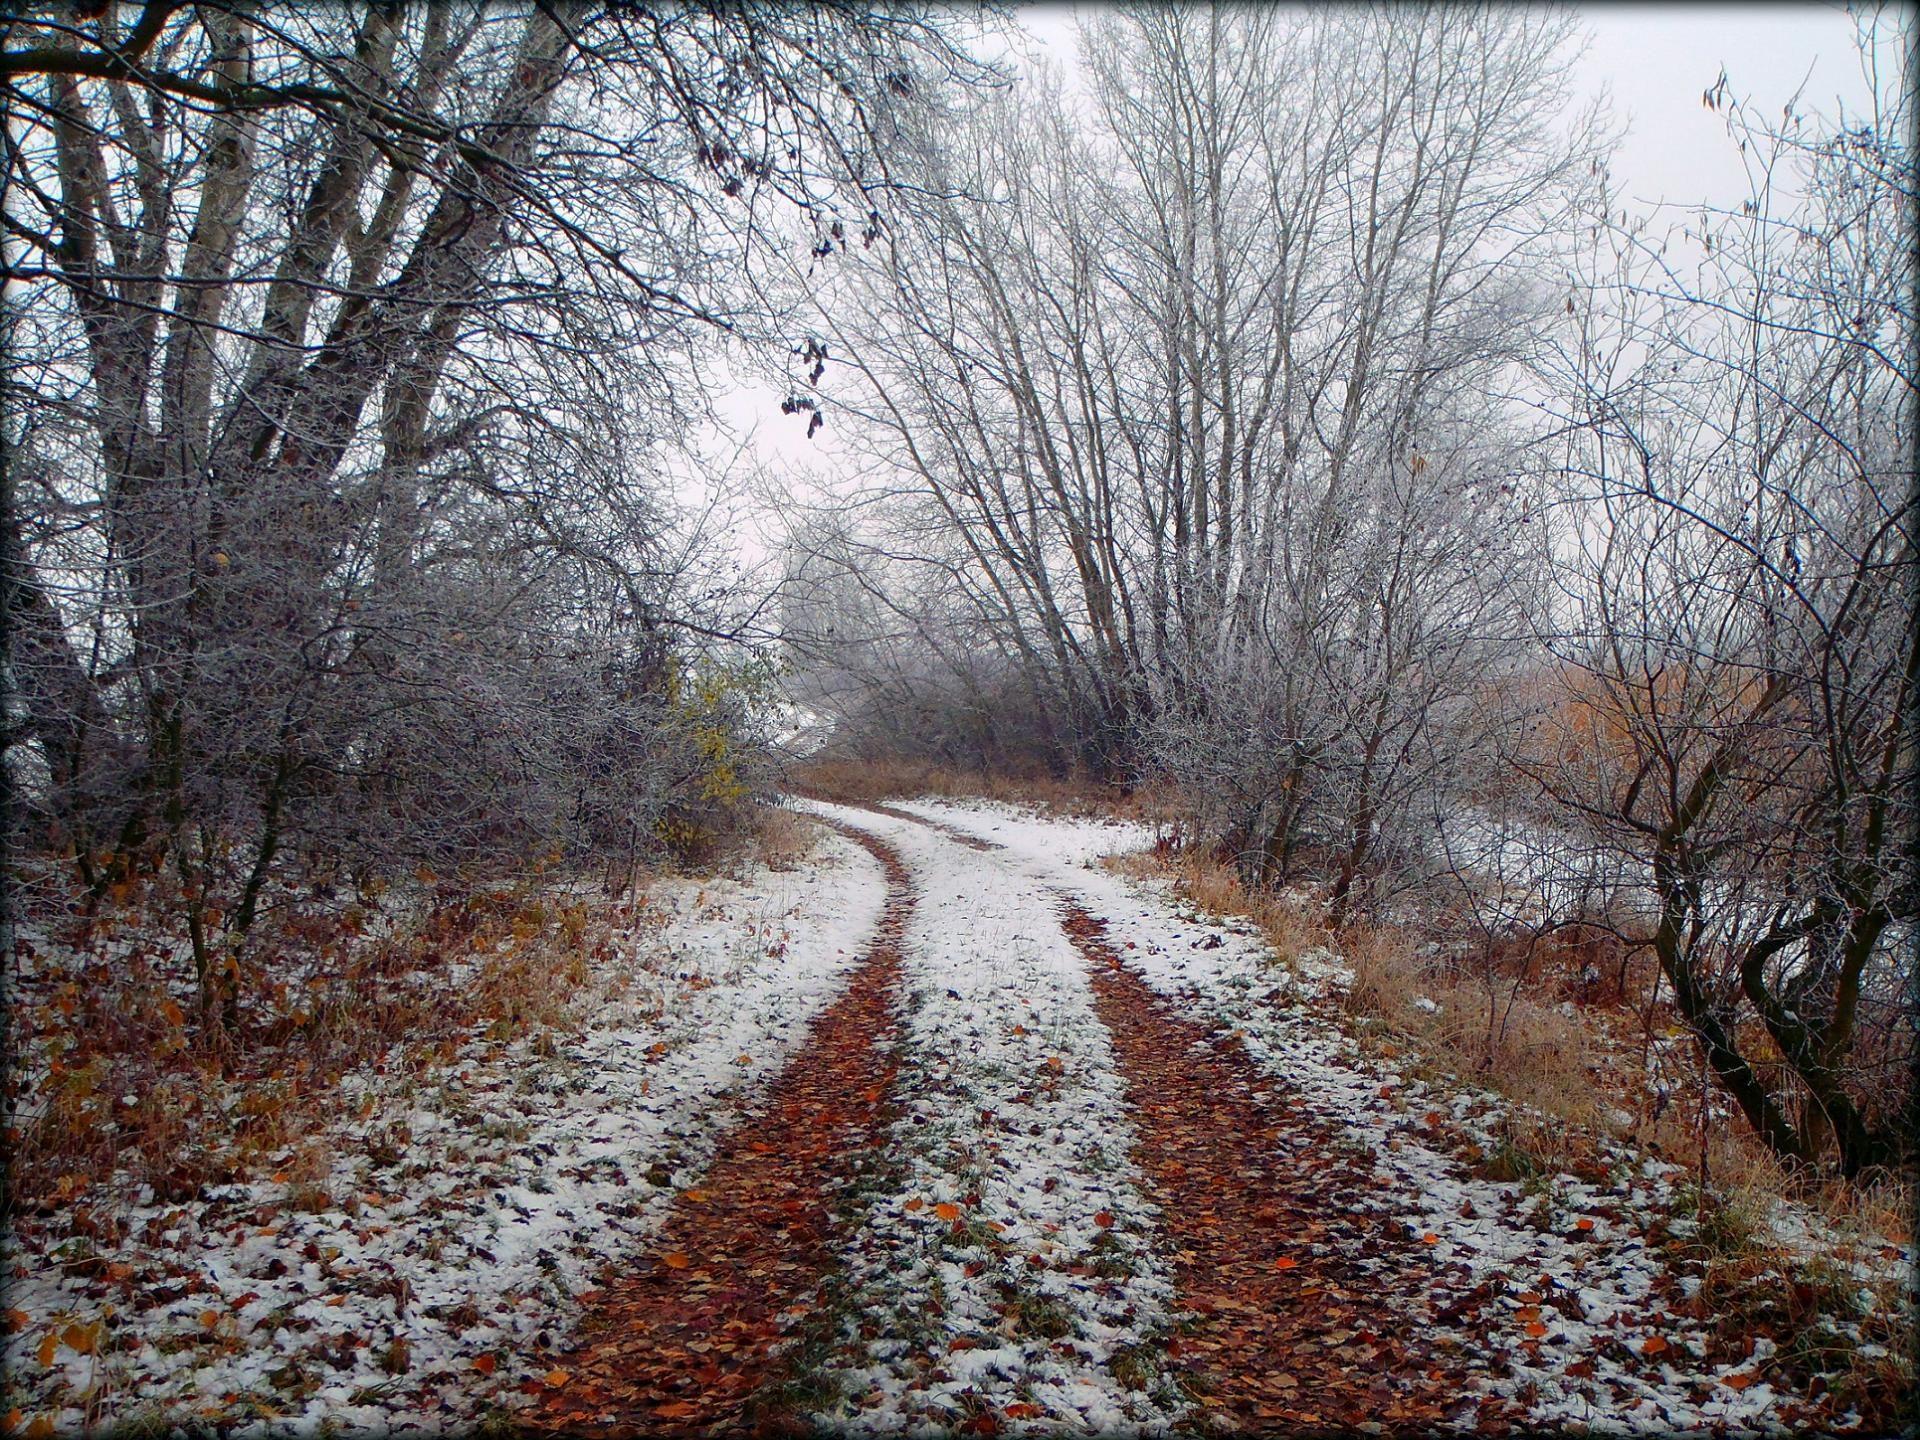 Hosszú téli sétáim egyike: november végére megérkeztek az első fagyok, ekkor már majdnem lemondtam a horgászatról